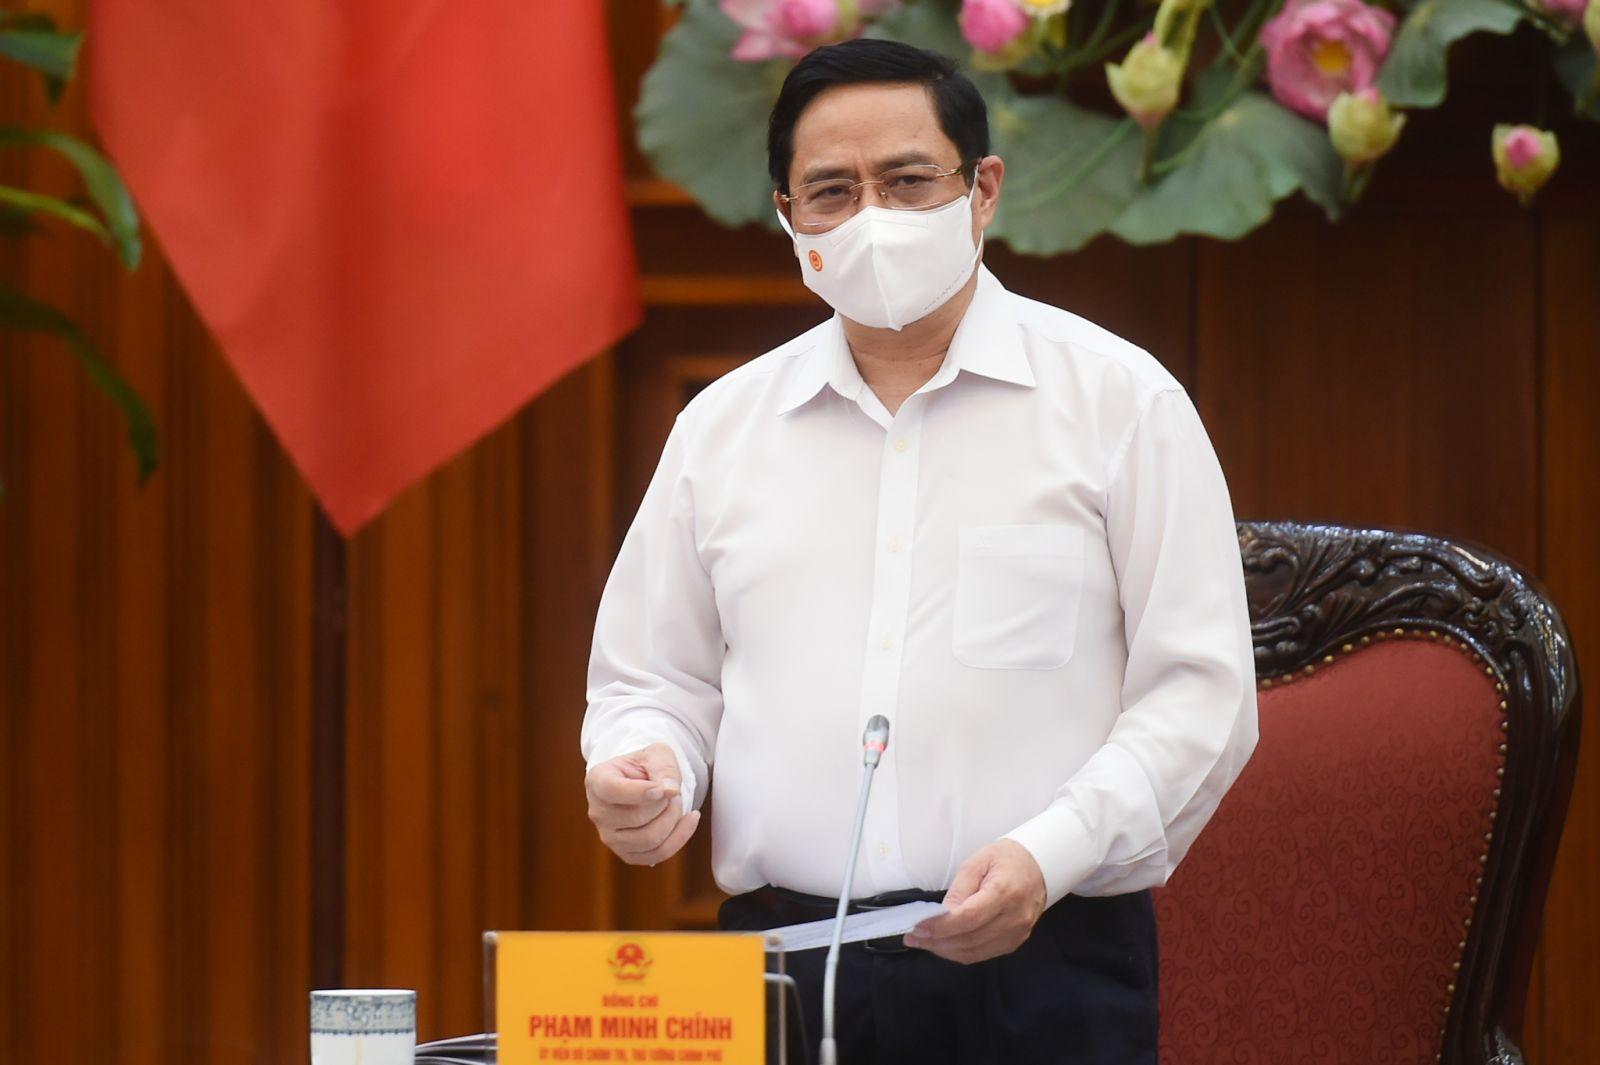 Thủ tướng Phạm Minh Chính chủ trì cuộc họp Thường trực Chính phủ về phòng, chống dịch COVID-19 diễn ra sáng 26-4-2021. Ảnh VGP